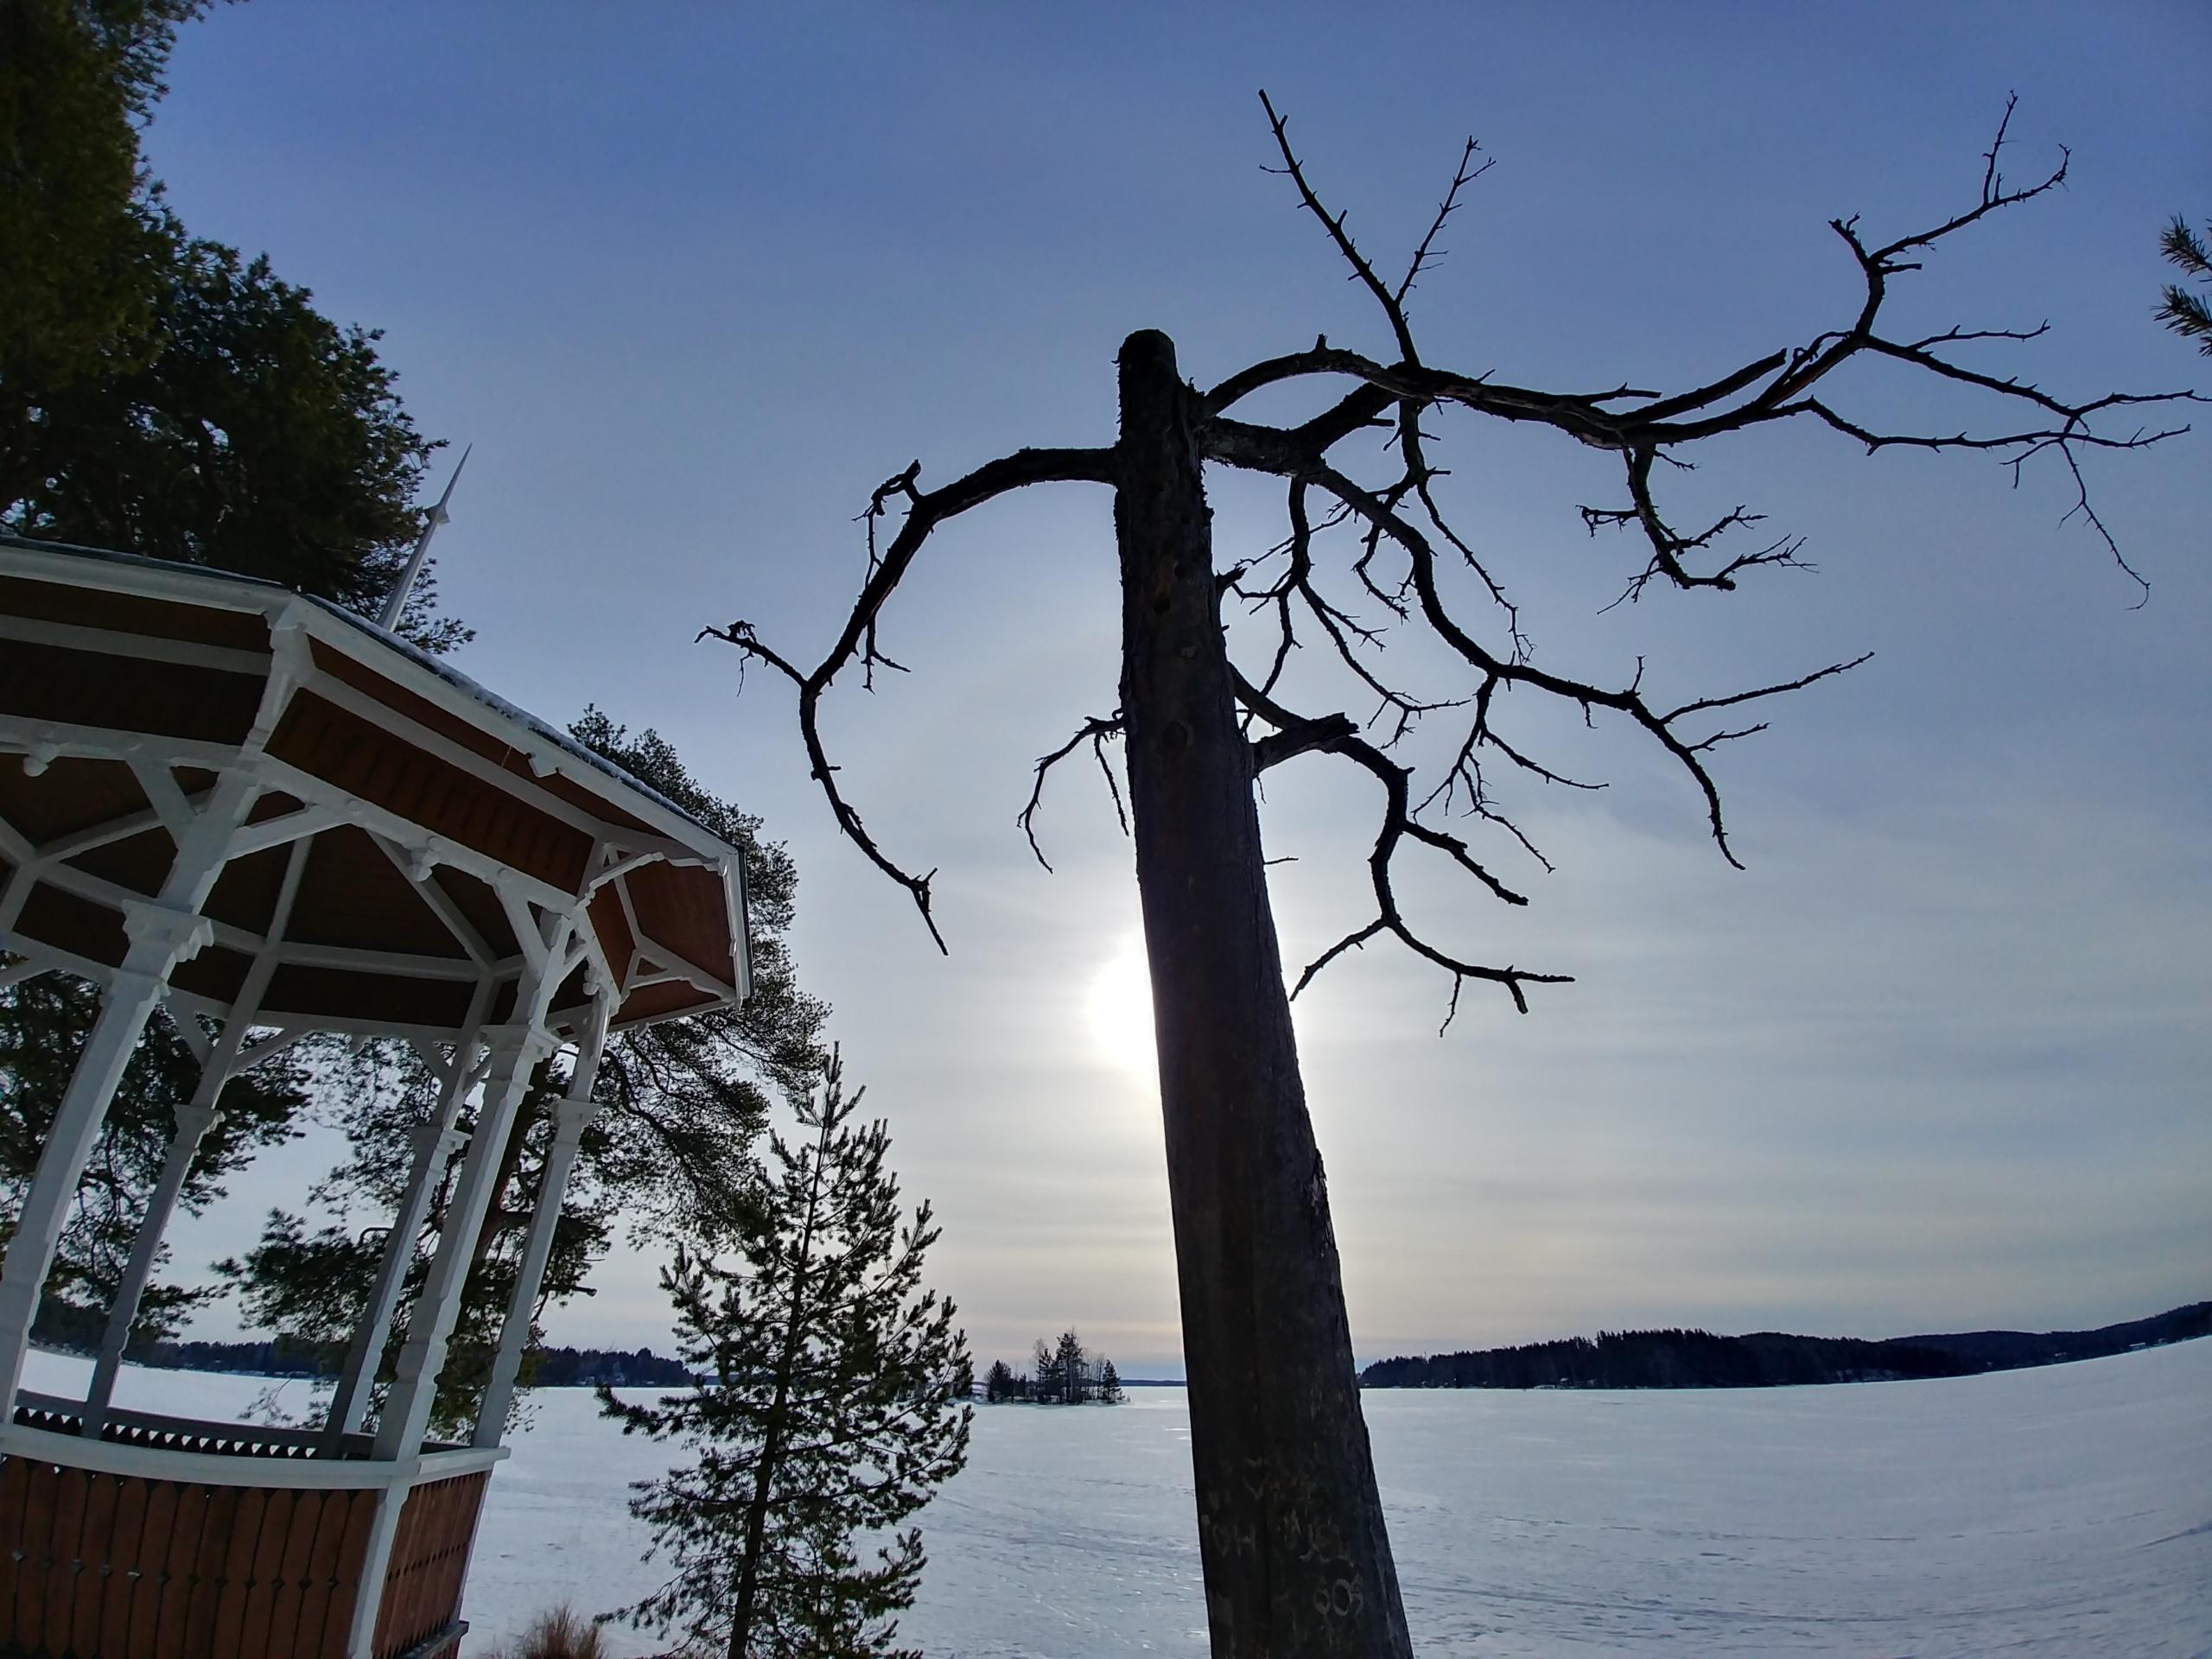 https://kansallisetkaupunkipuistot.fi/wp-content/uploads/2020/06/Vänäri_Kuopio_SS_20200307_104911_HDR-scaled.jpg